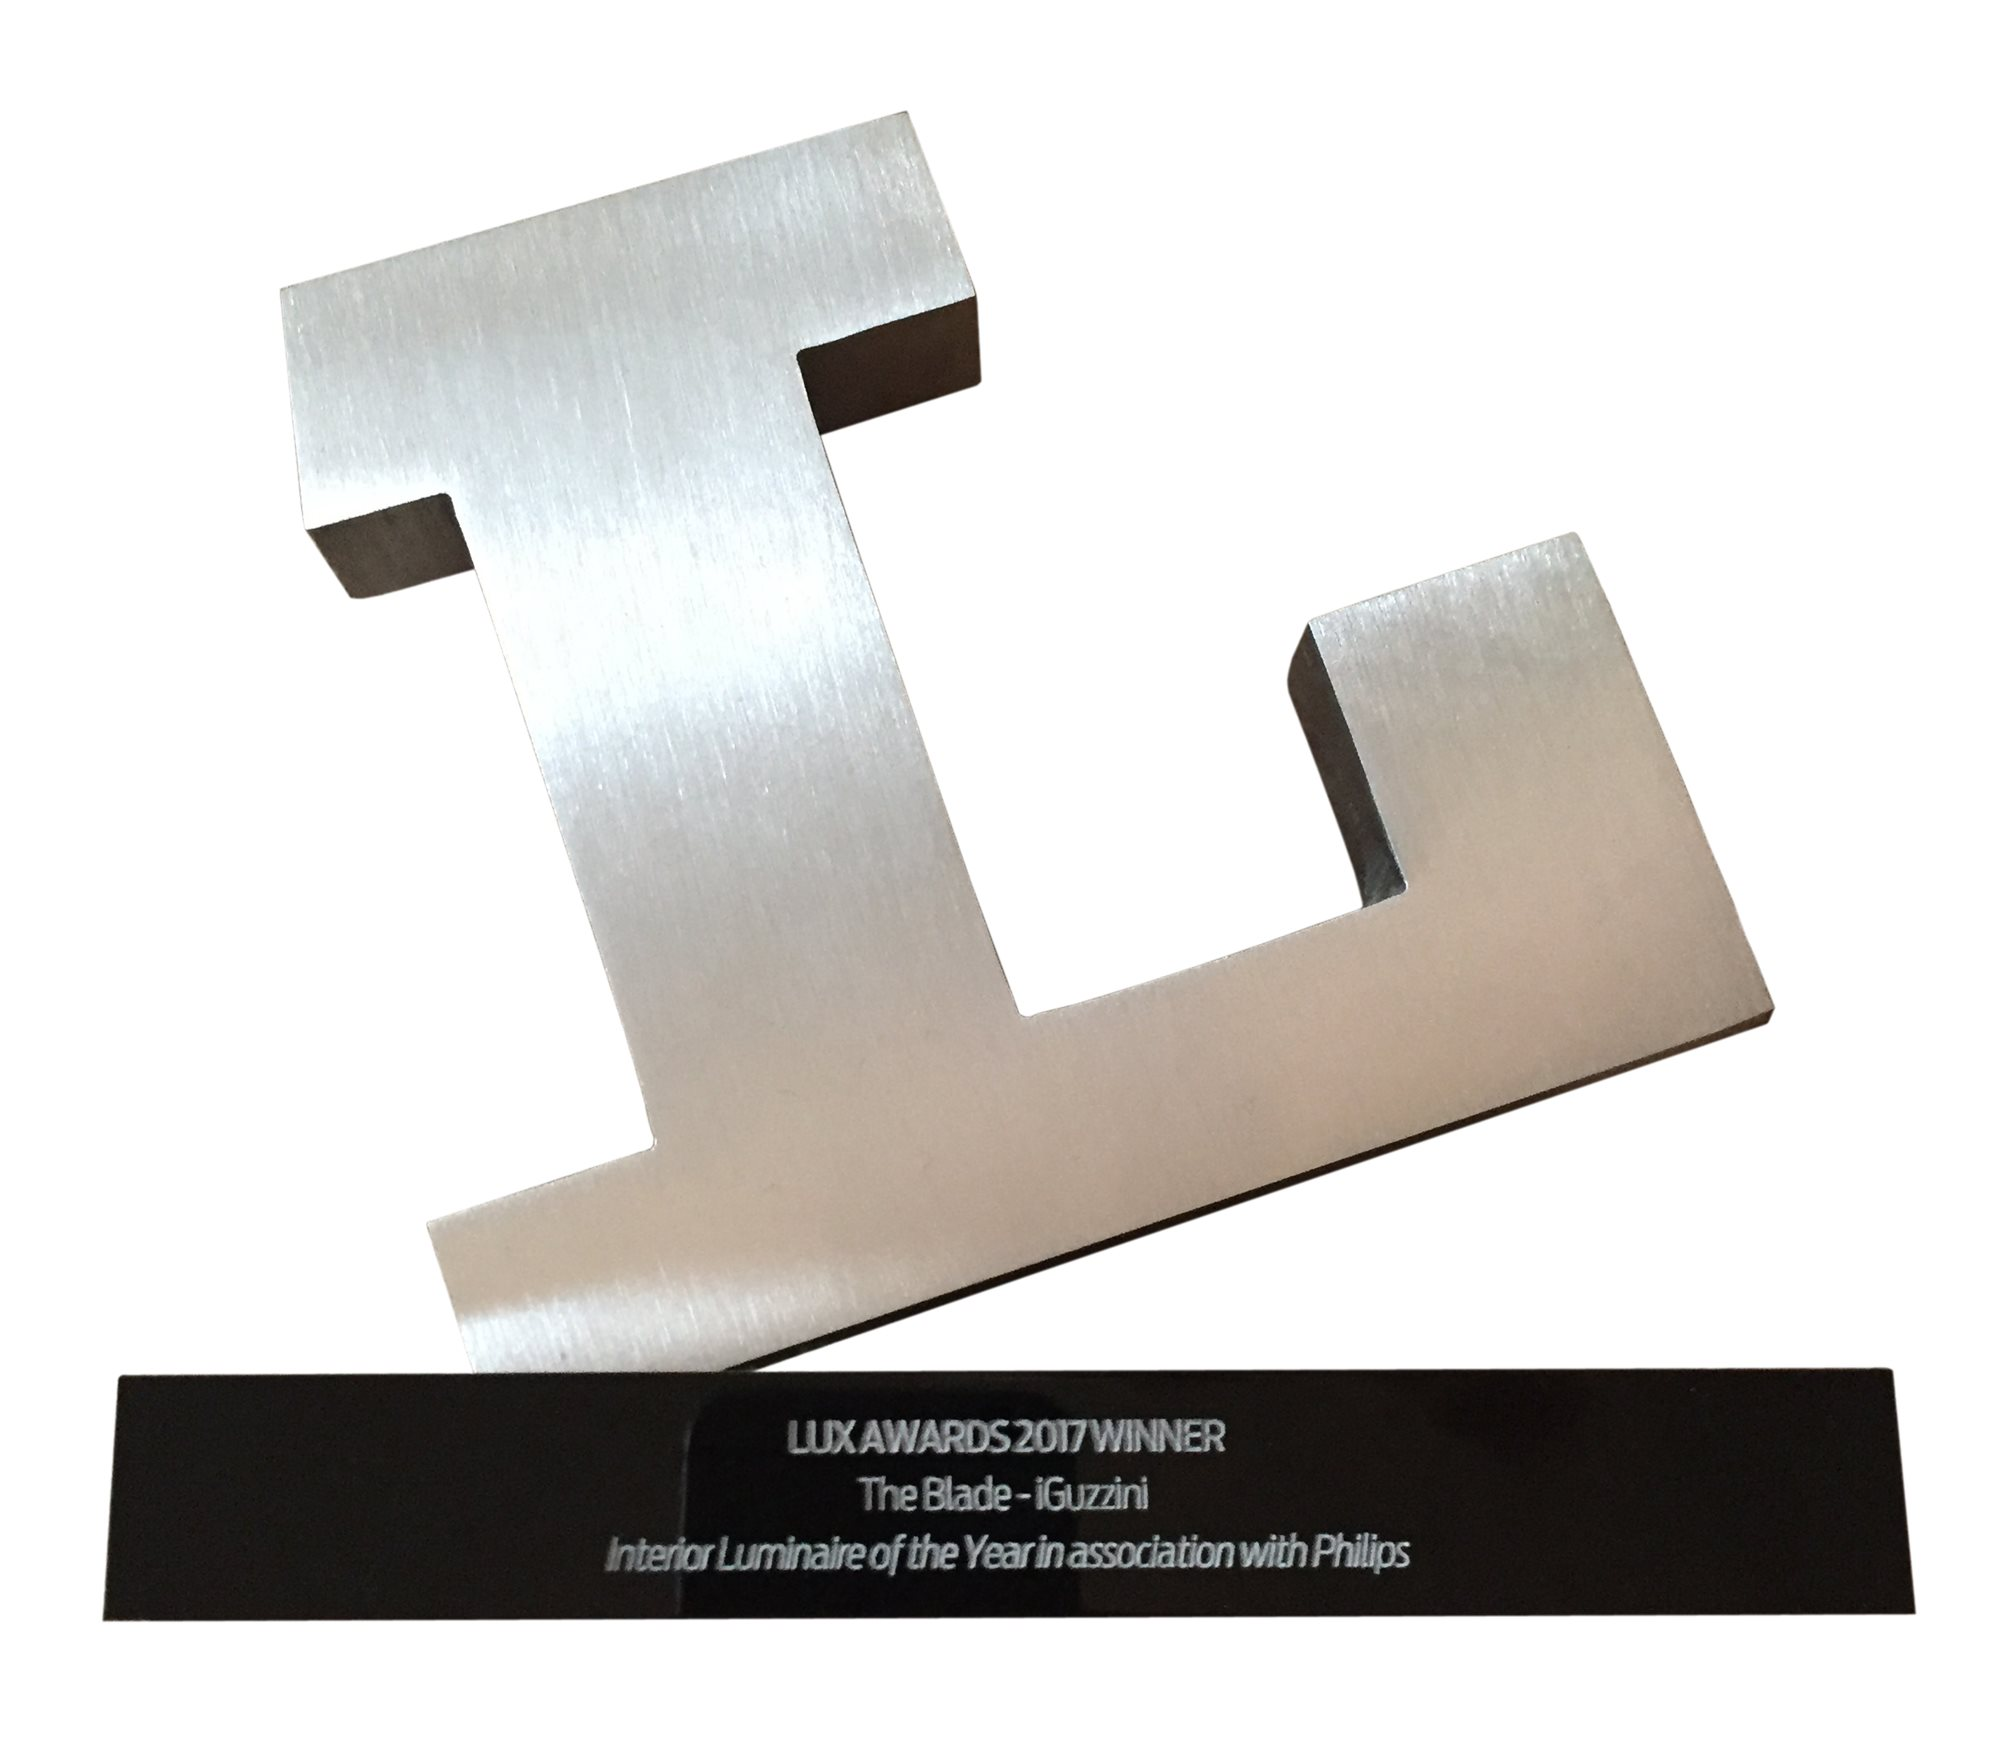 Anche LuxLive premia The Blade